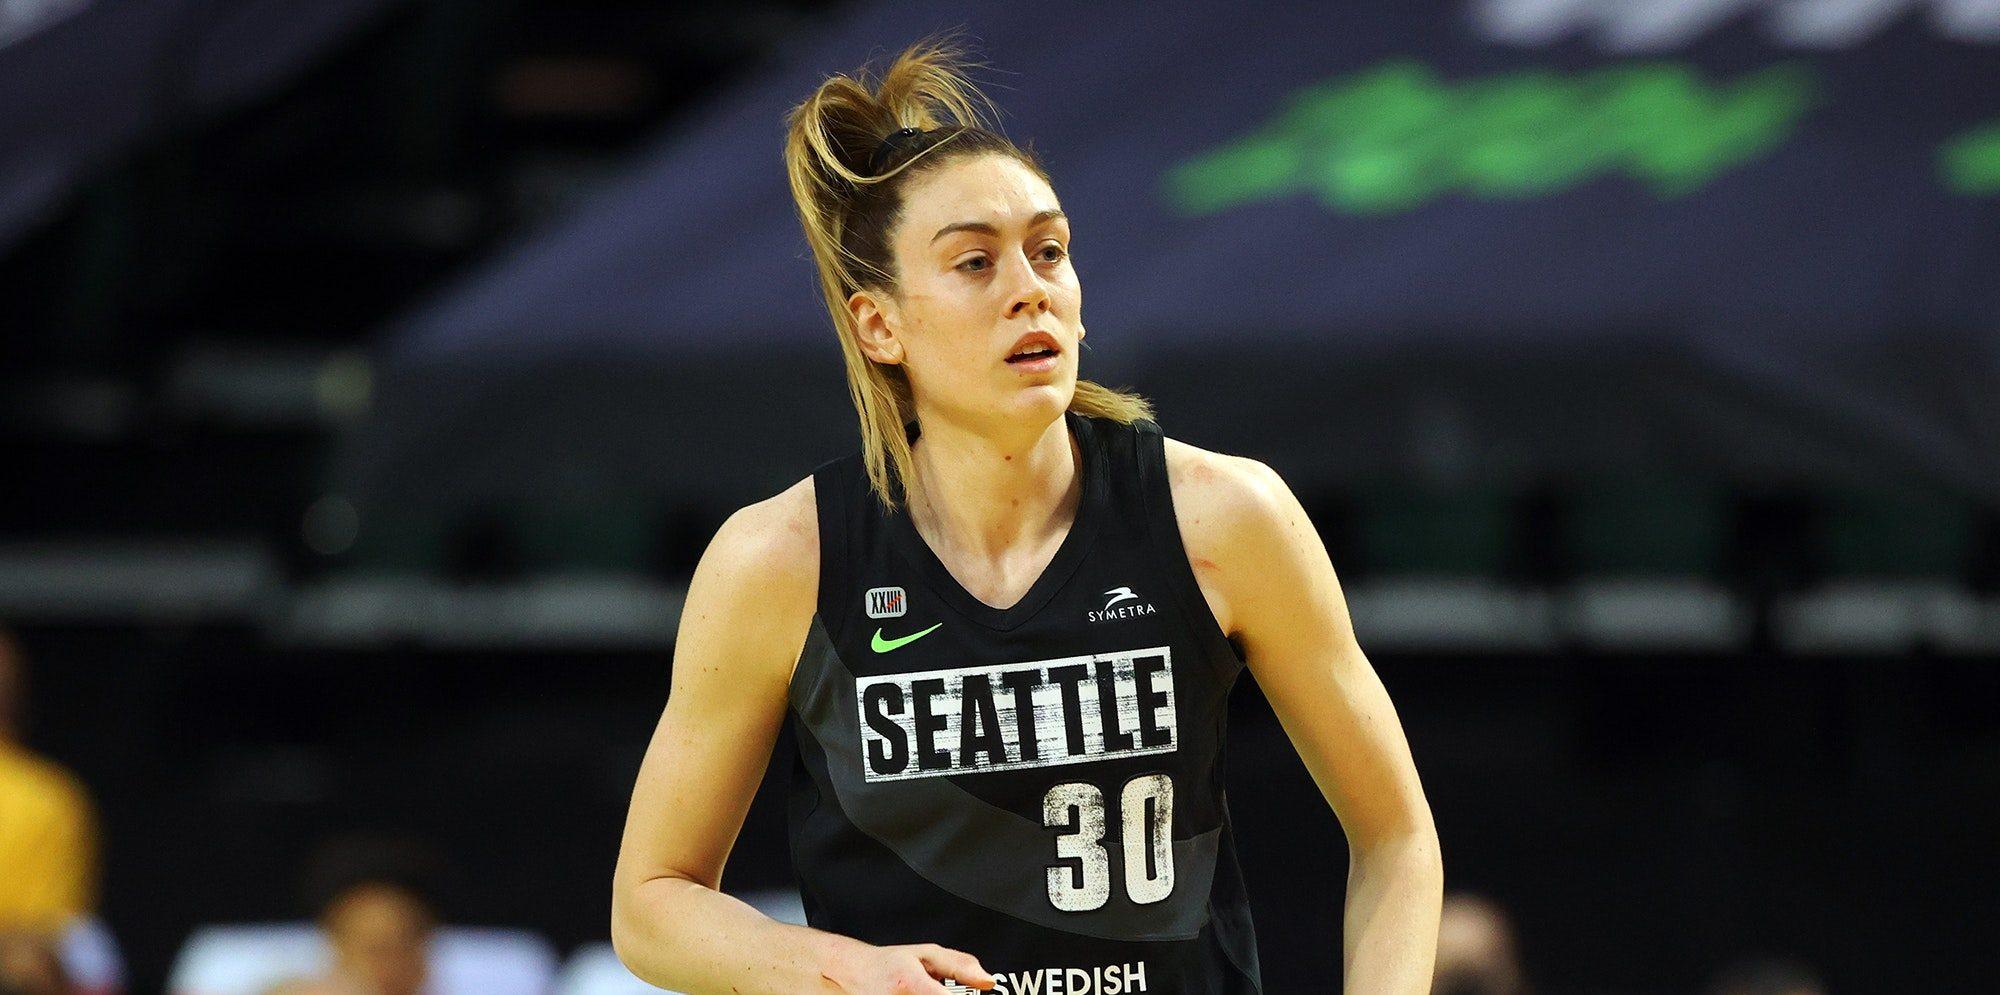 Seattle en alerta por una posible lesión de Breanna Stewart